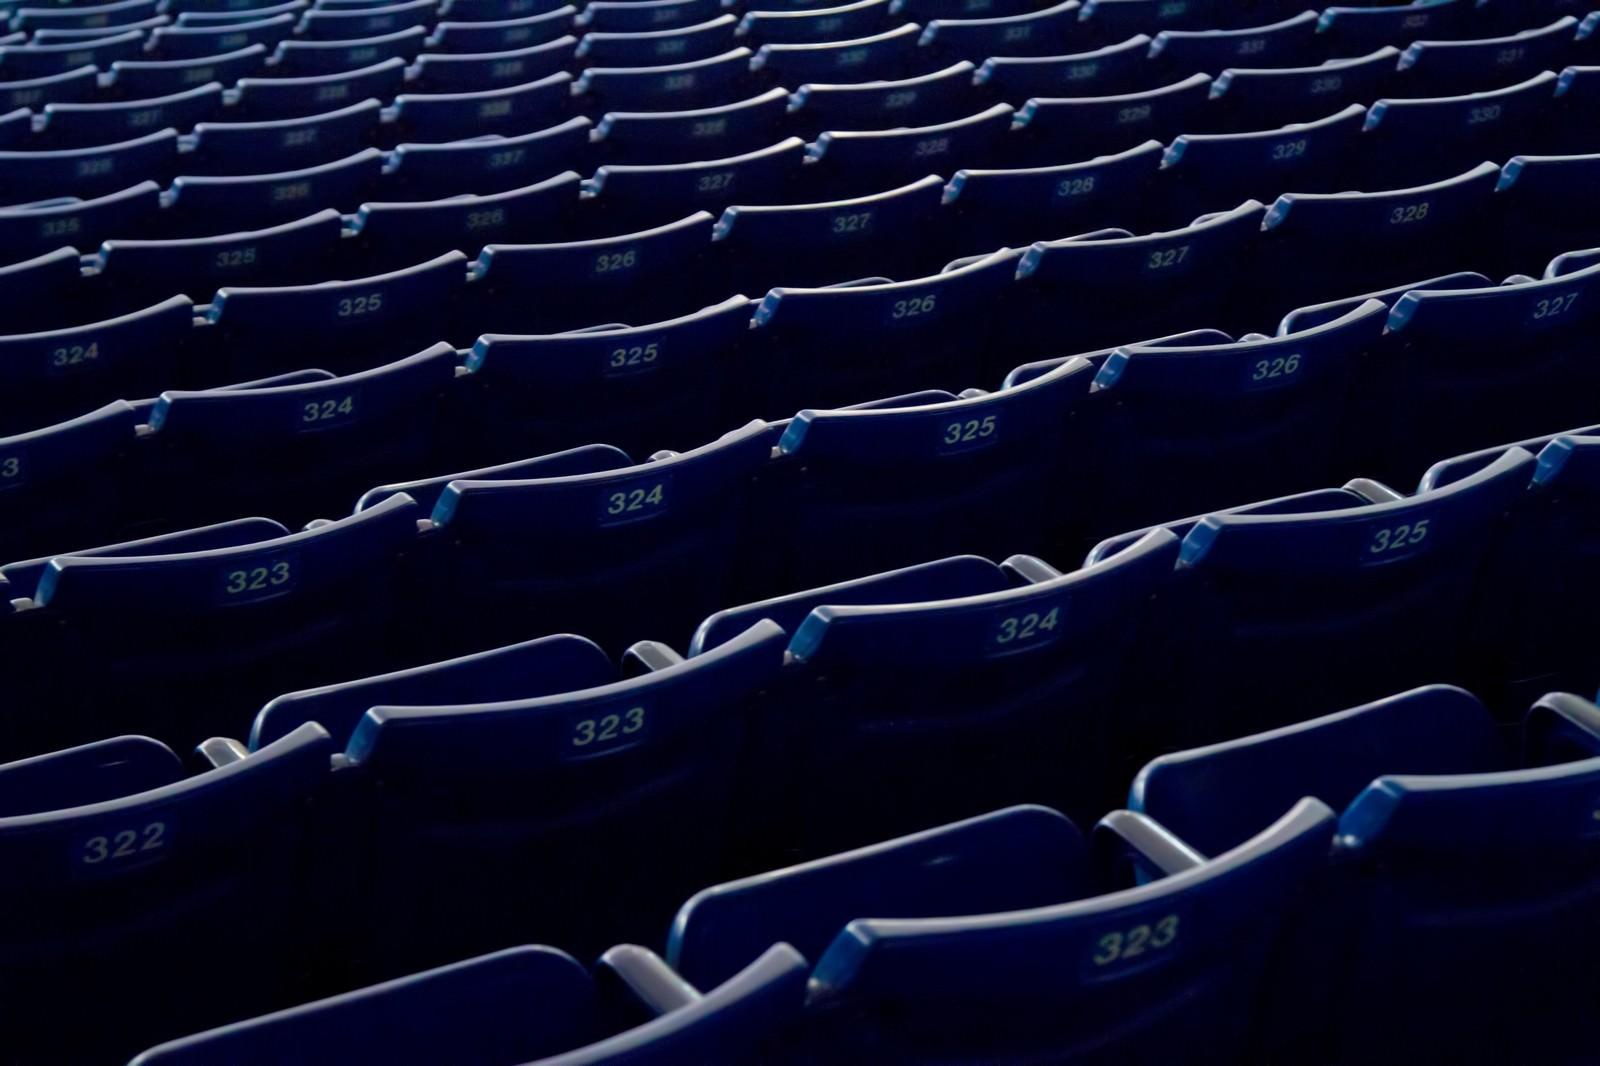 「スタジアムの並んだベンチ」の写真